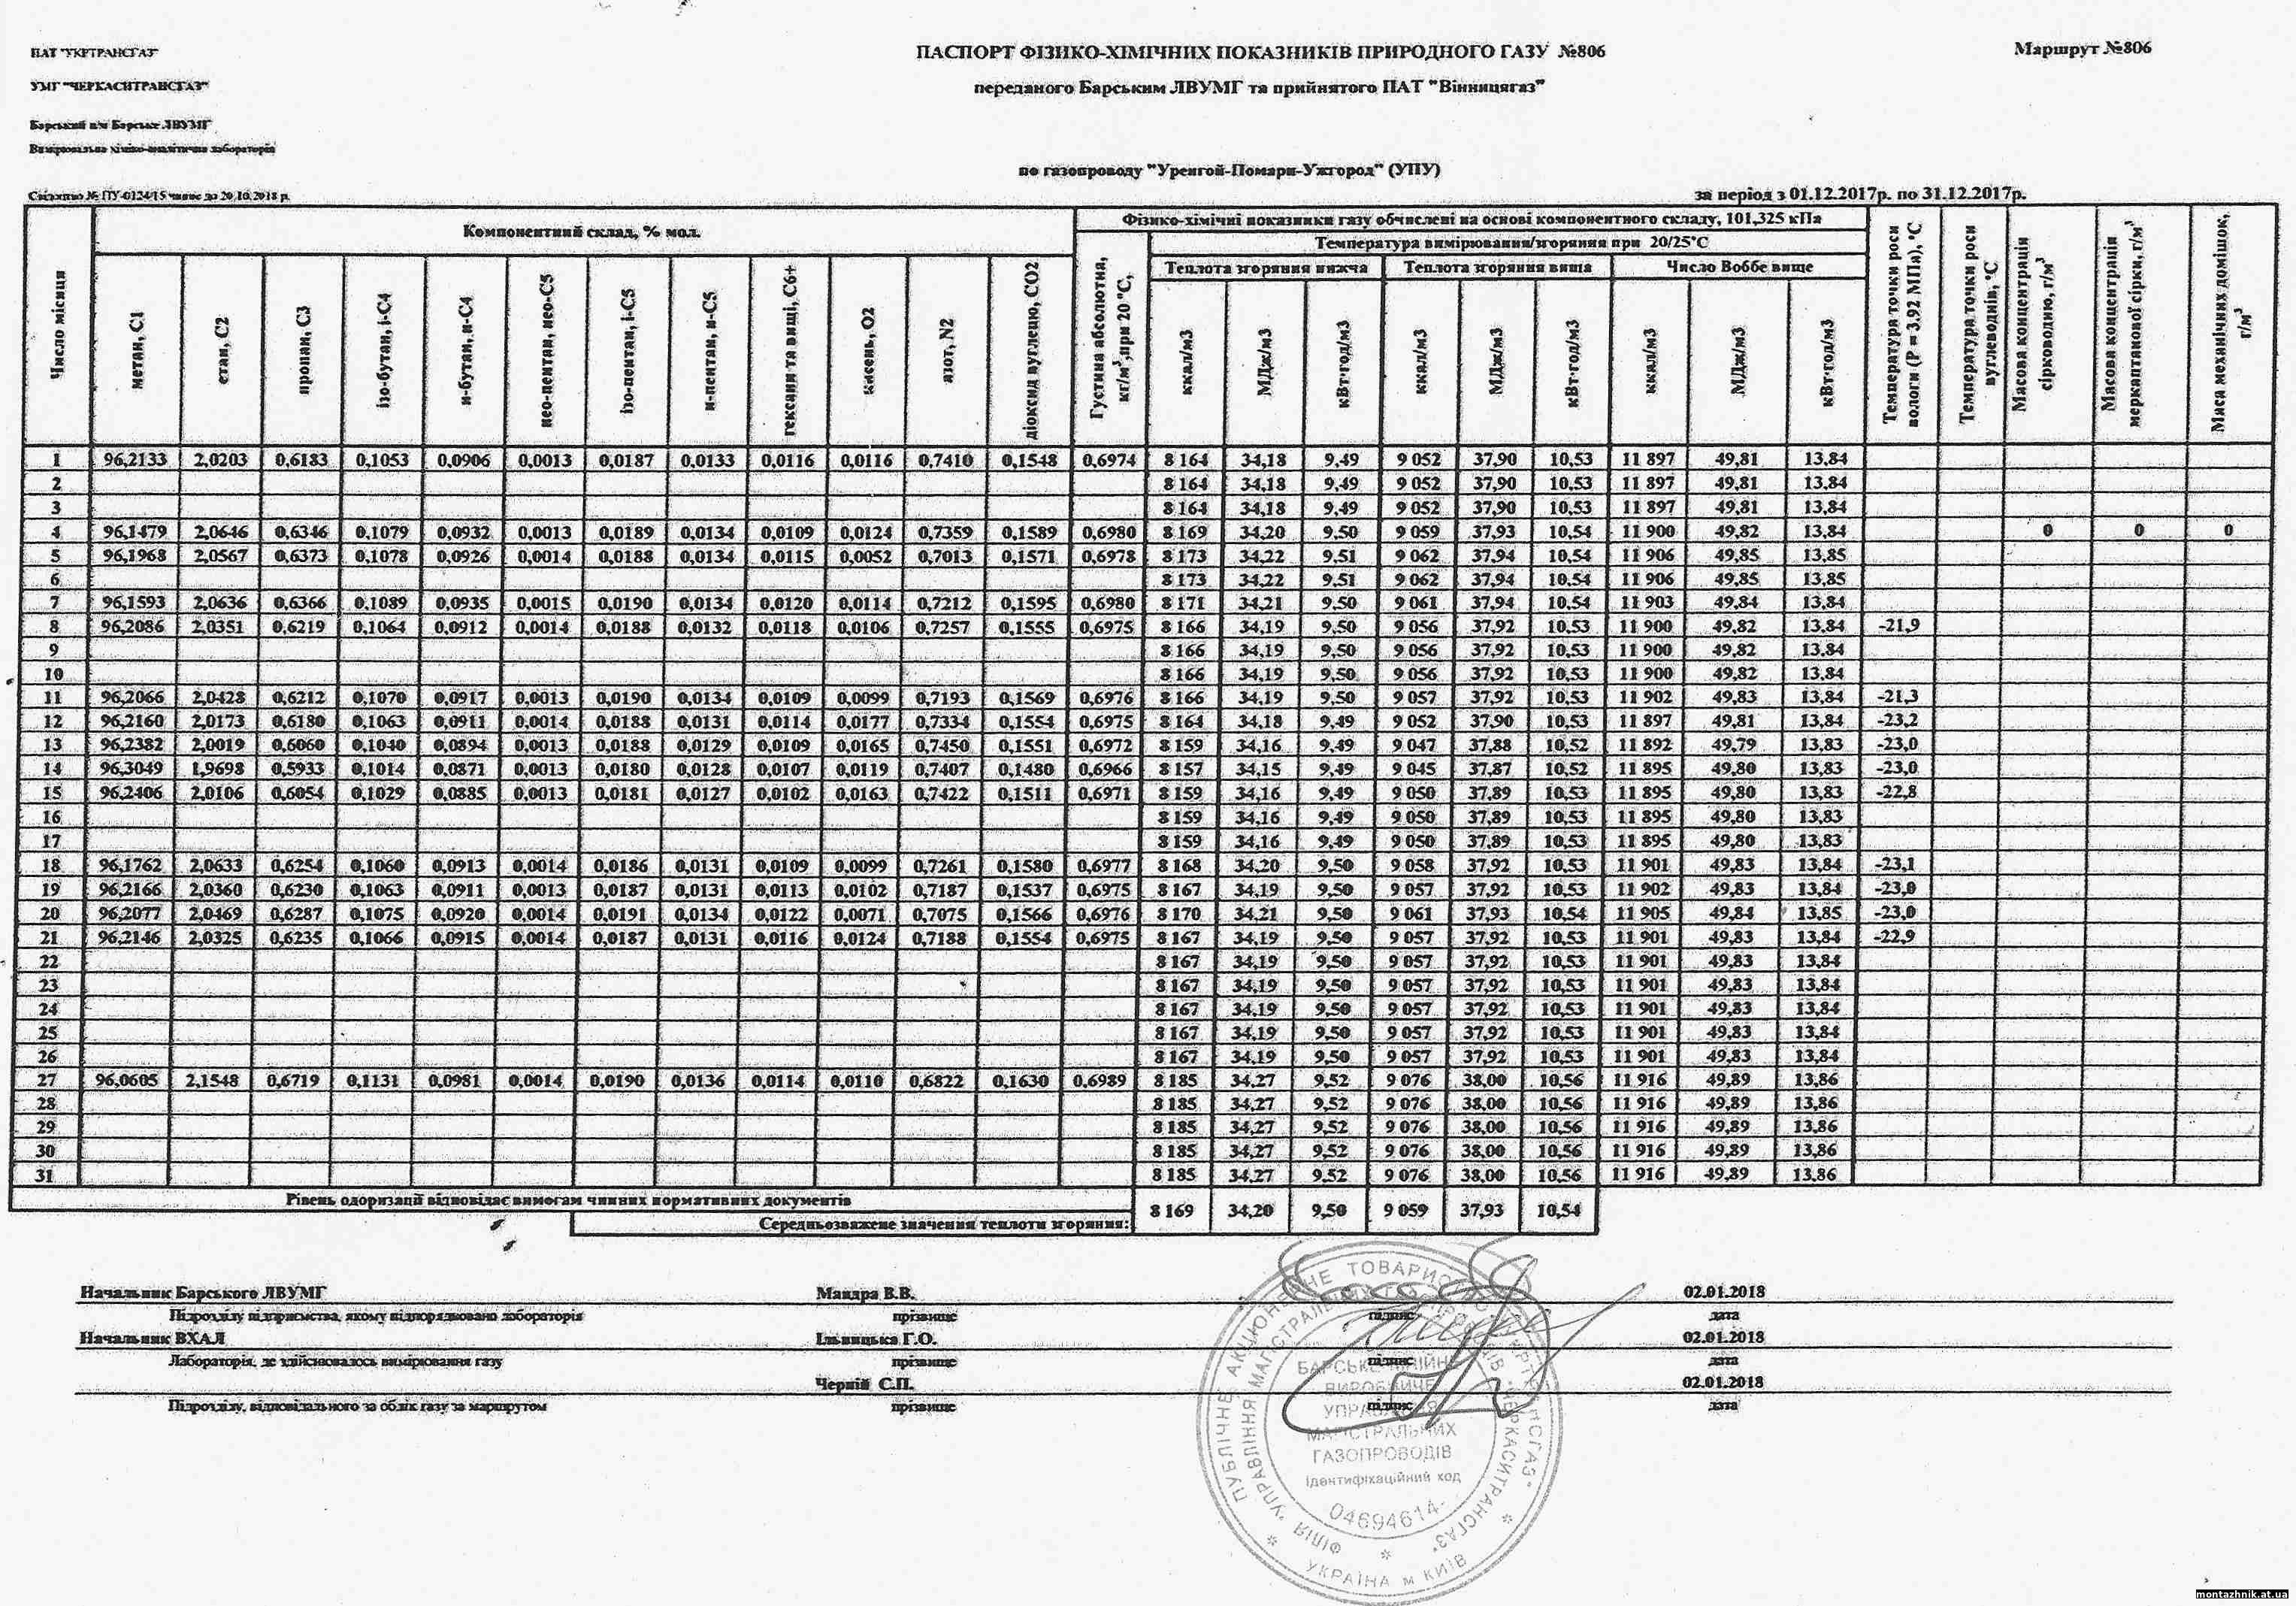 Паспорт фізико-хімічних показників природного газу за грудень 2017 р. по ДП Монтажник